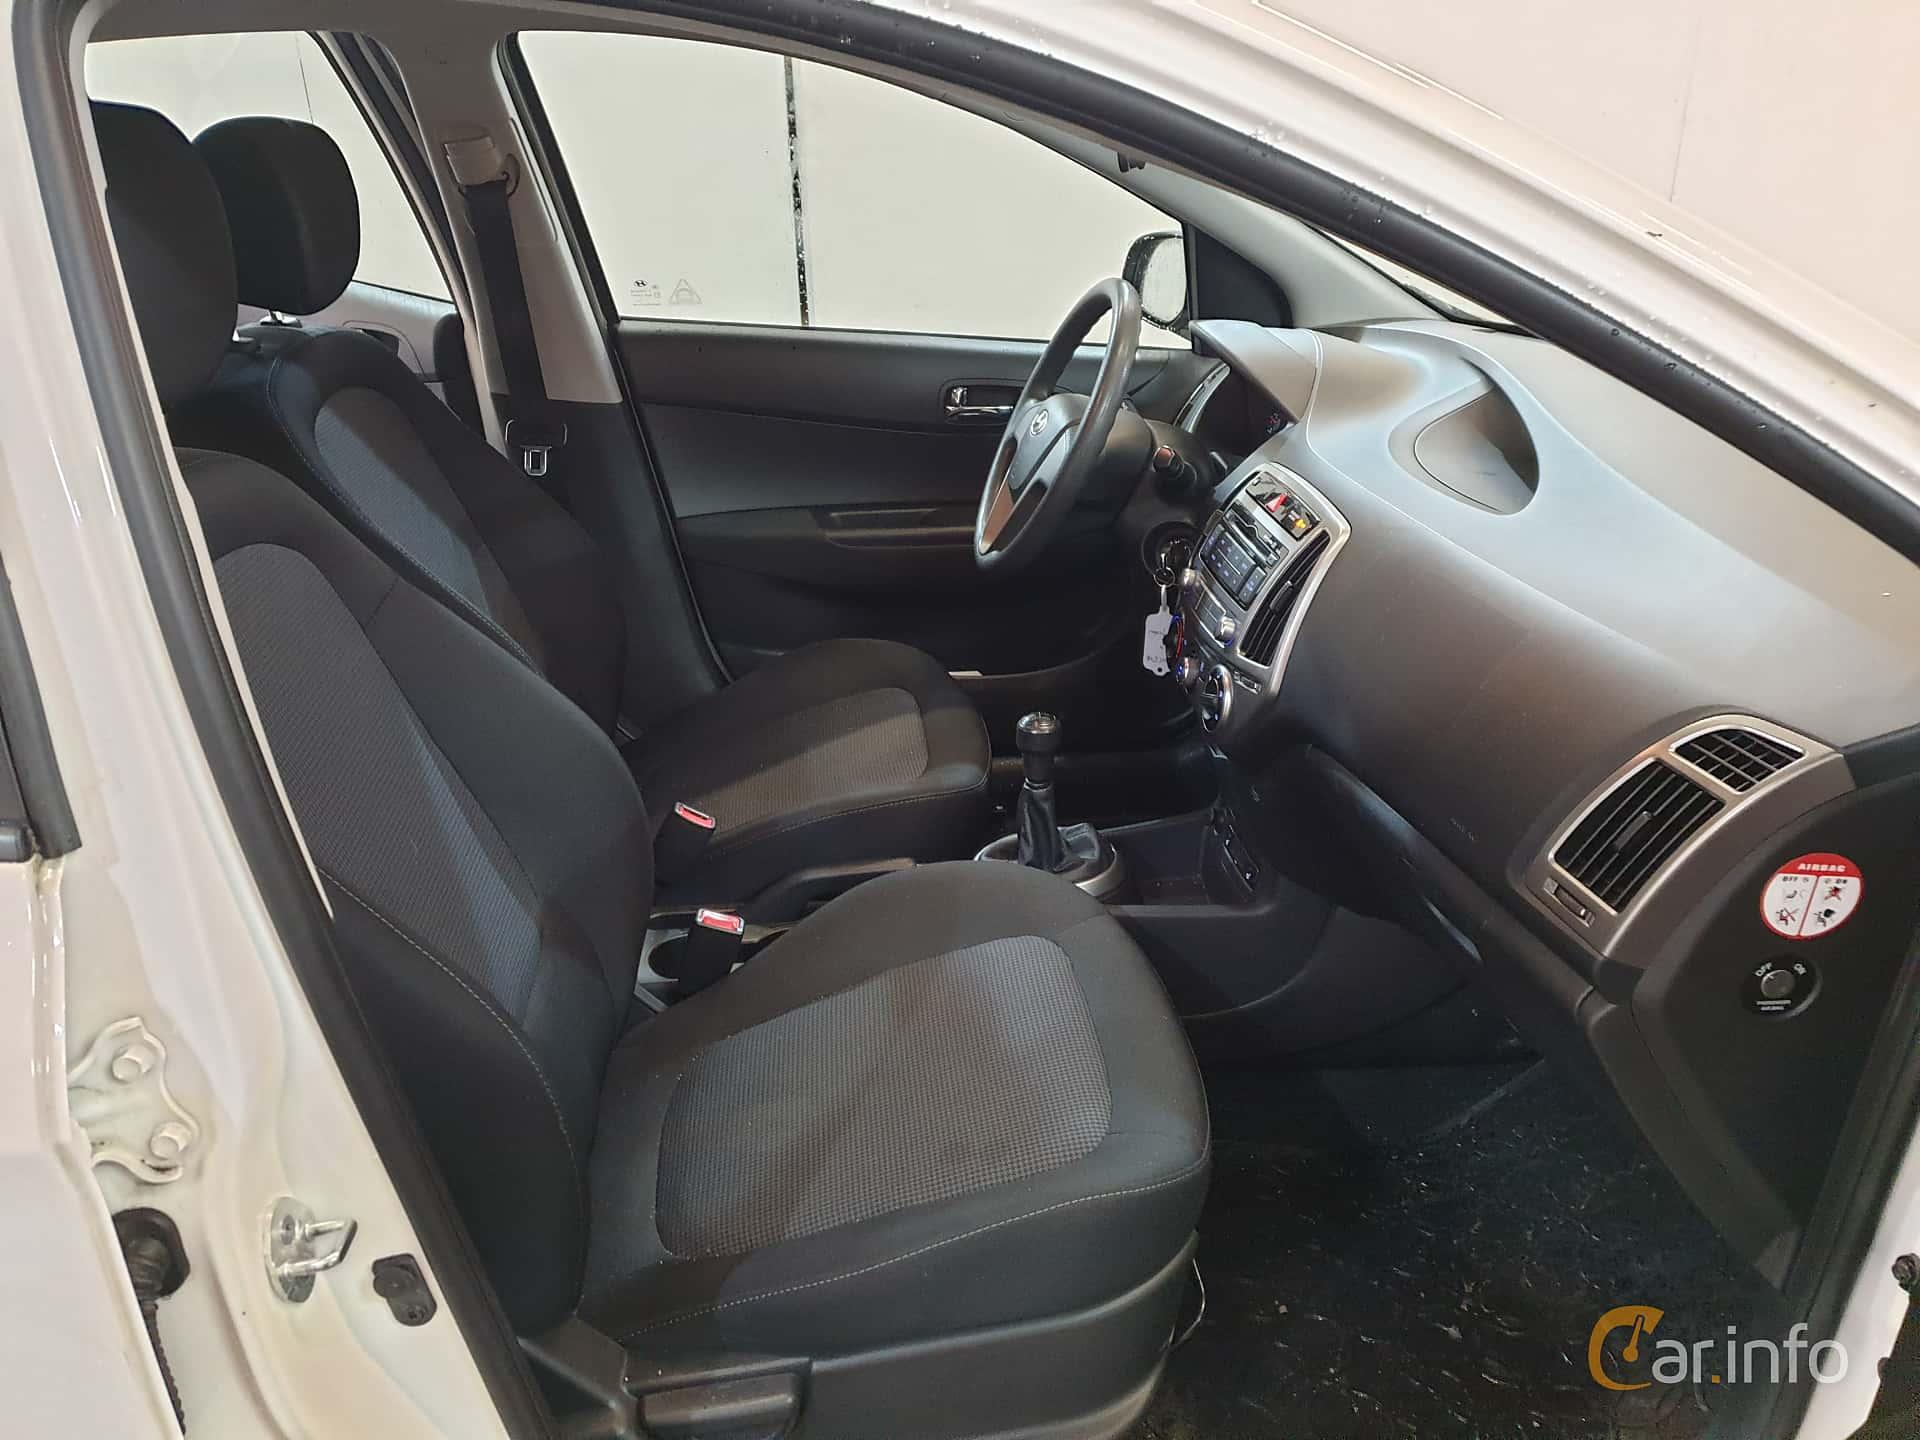 Hyundai i20 5-door 1.2 Manual, 86hp, 2013